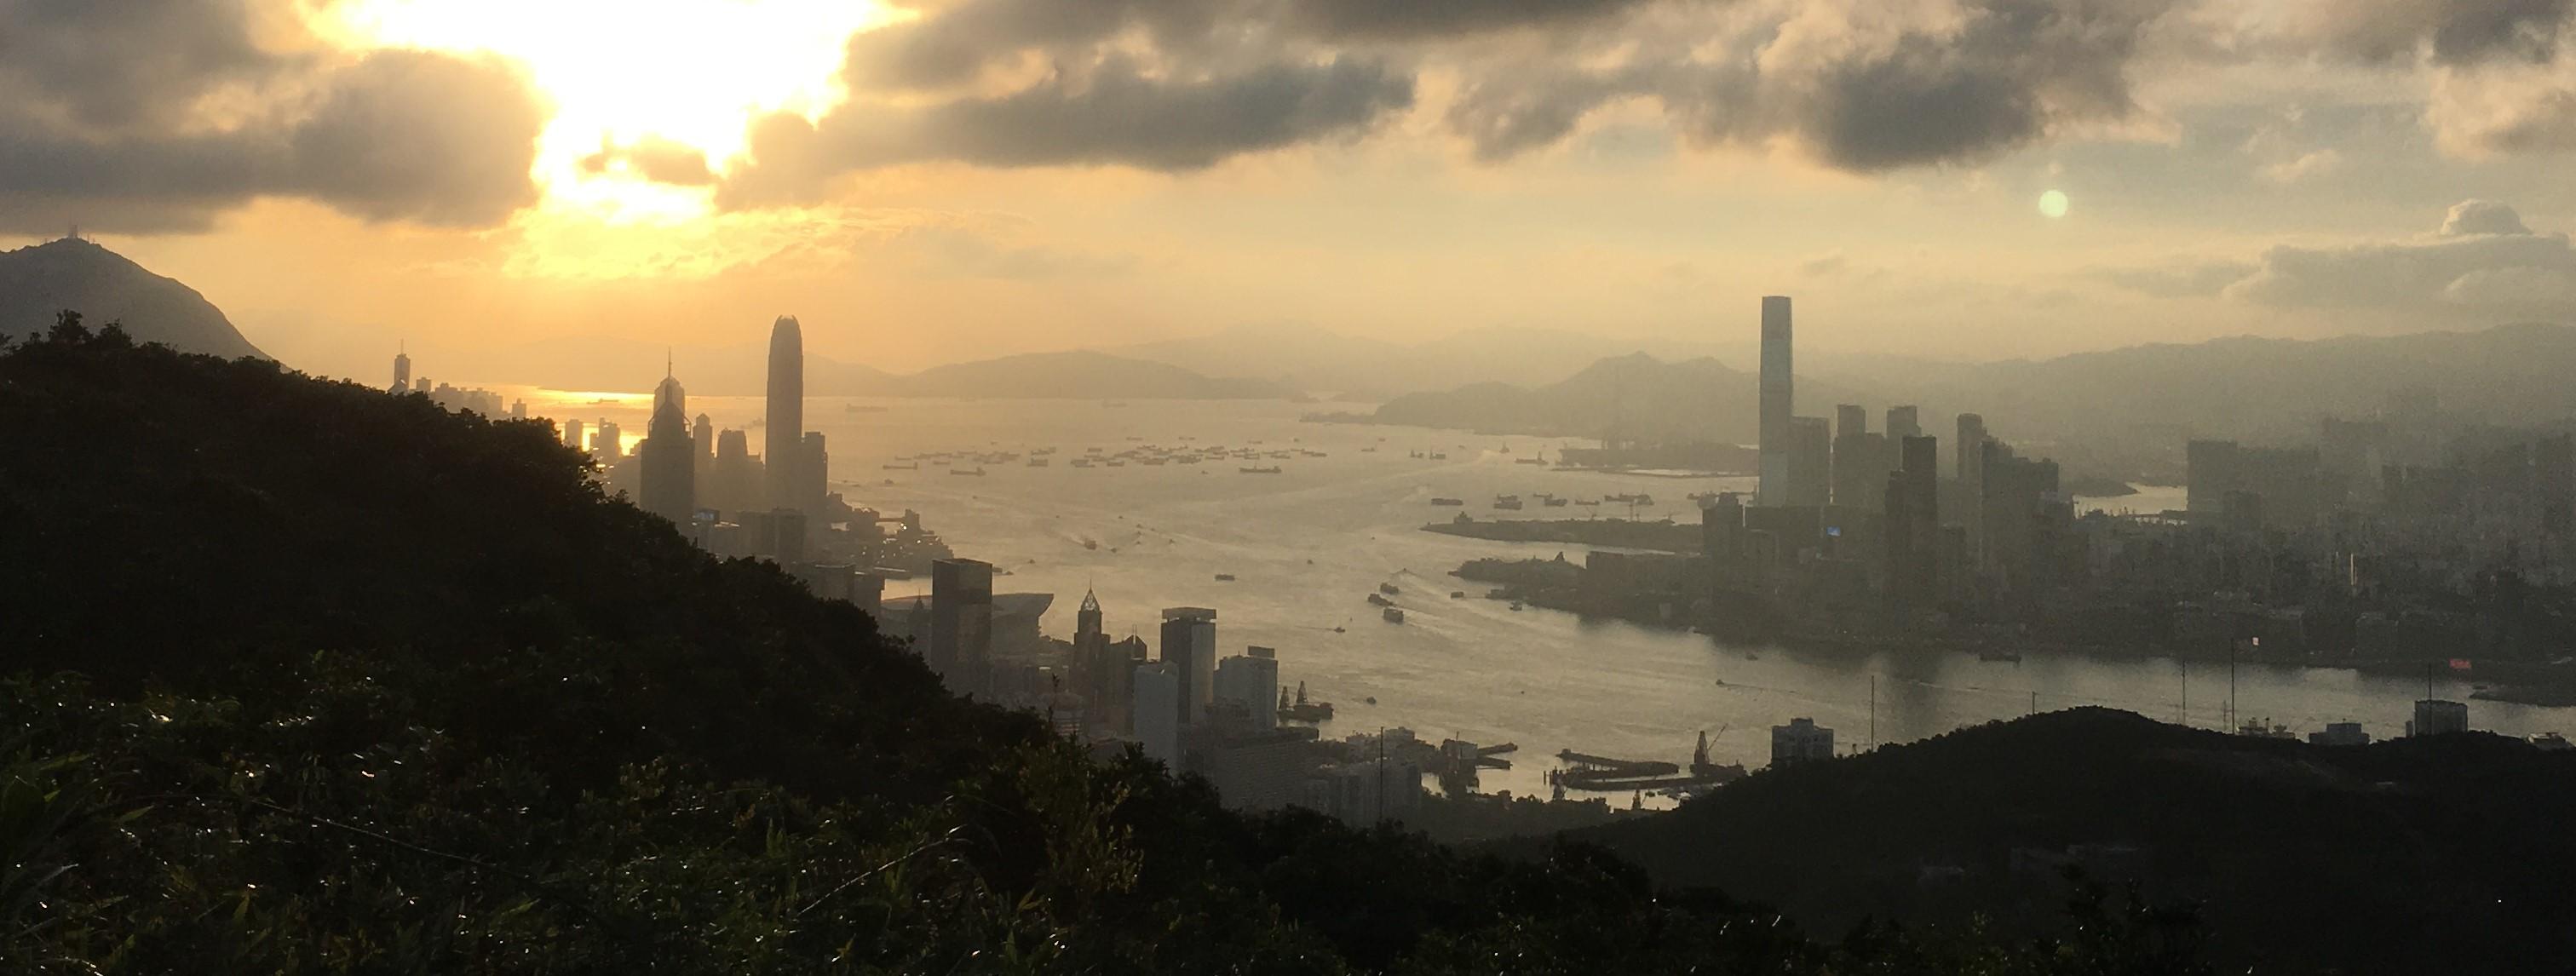 Hong Kong, August 2017 (Photo: David Woo/Flickr)